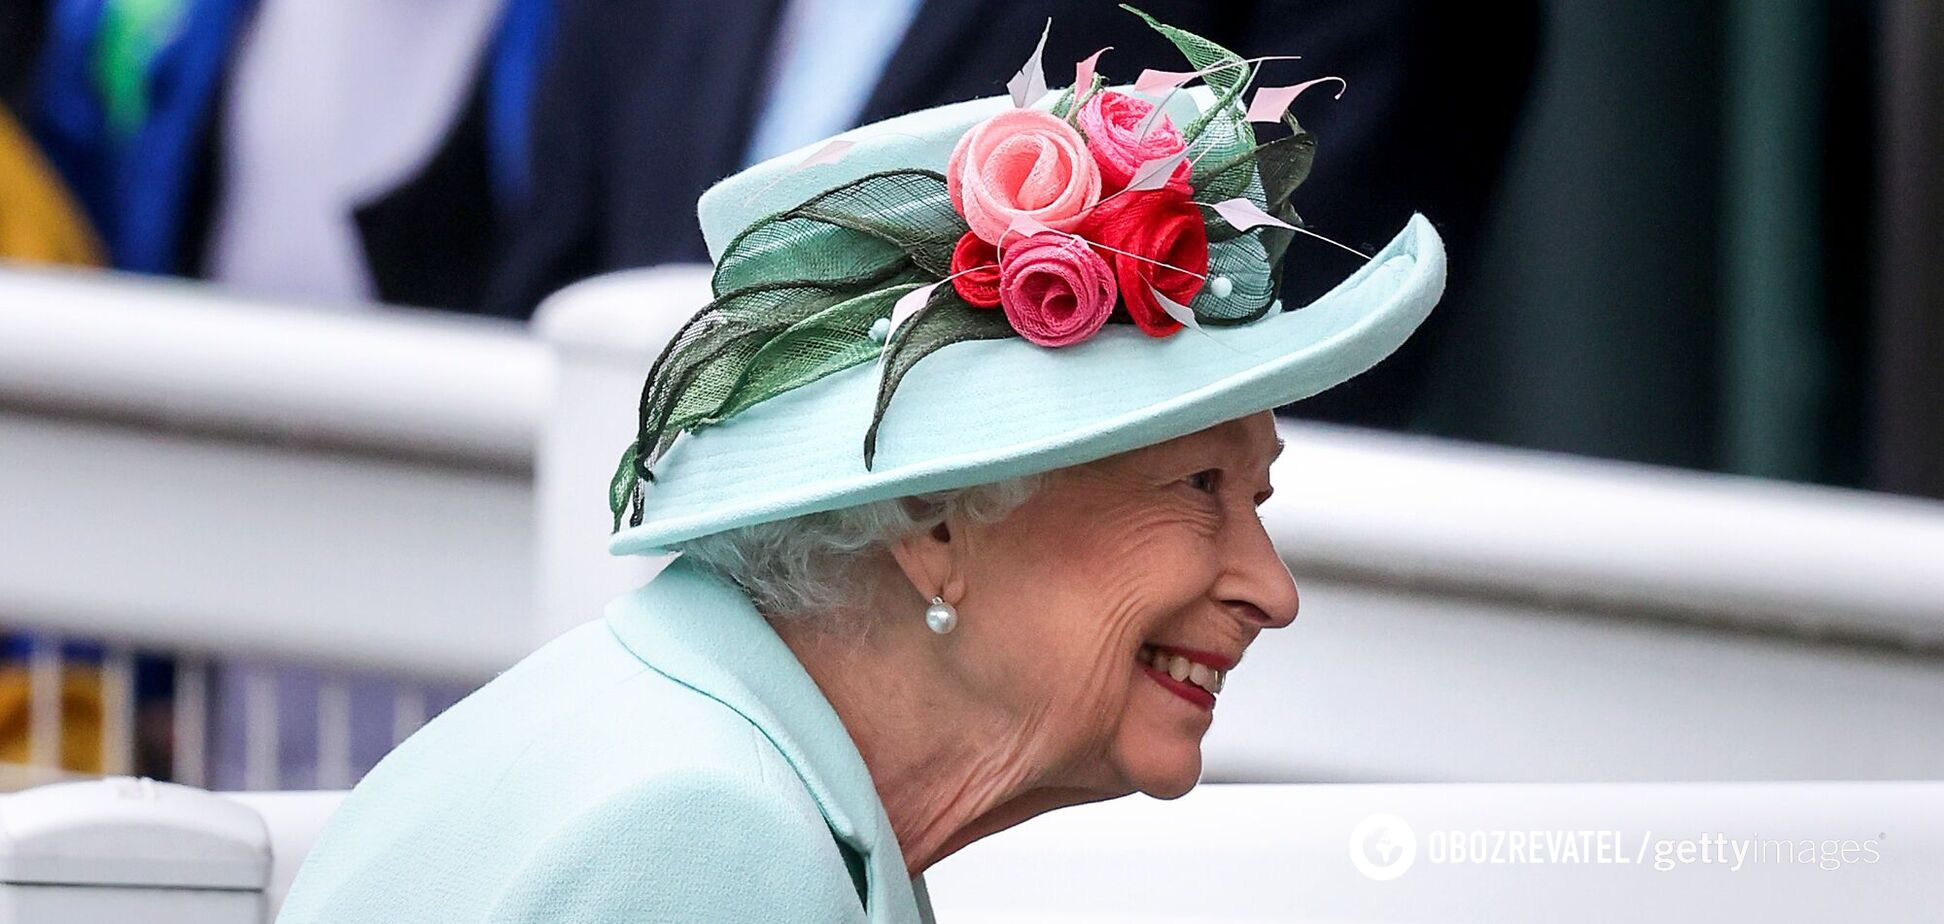 Єлизавета II в бірюзовому пальті і фірмовому капелюсі відвідала знімальний майданчик